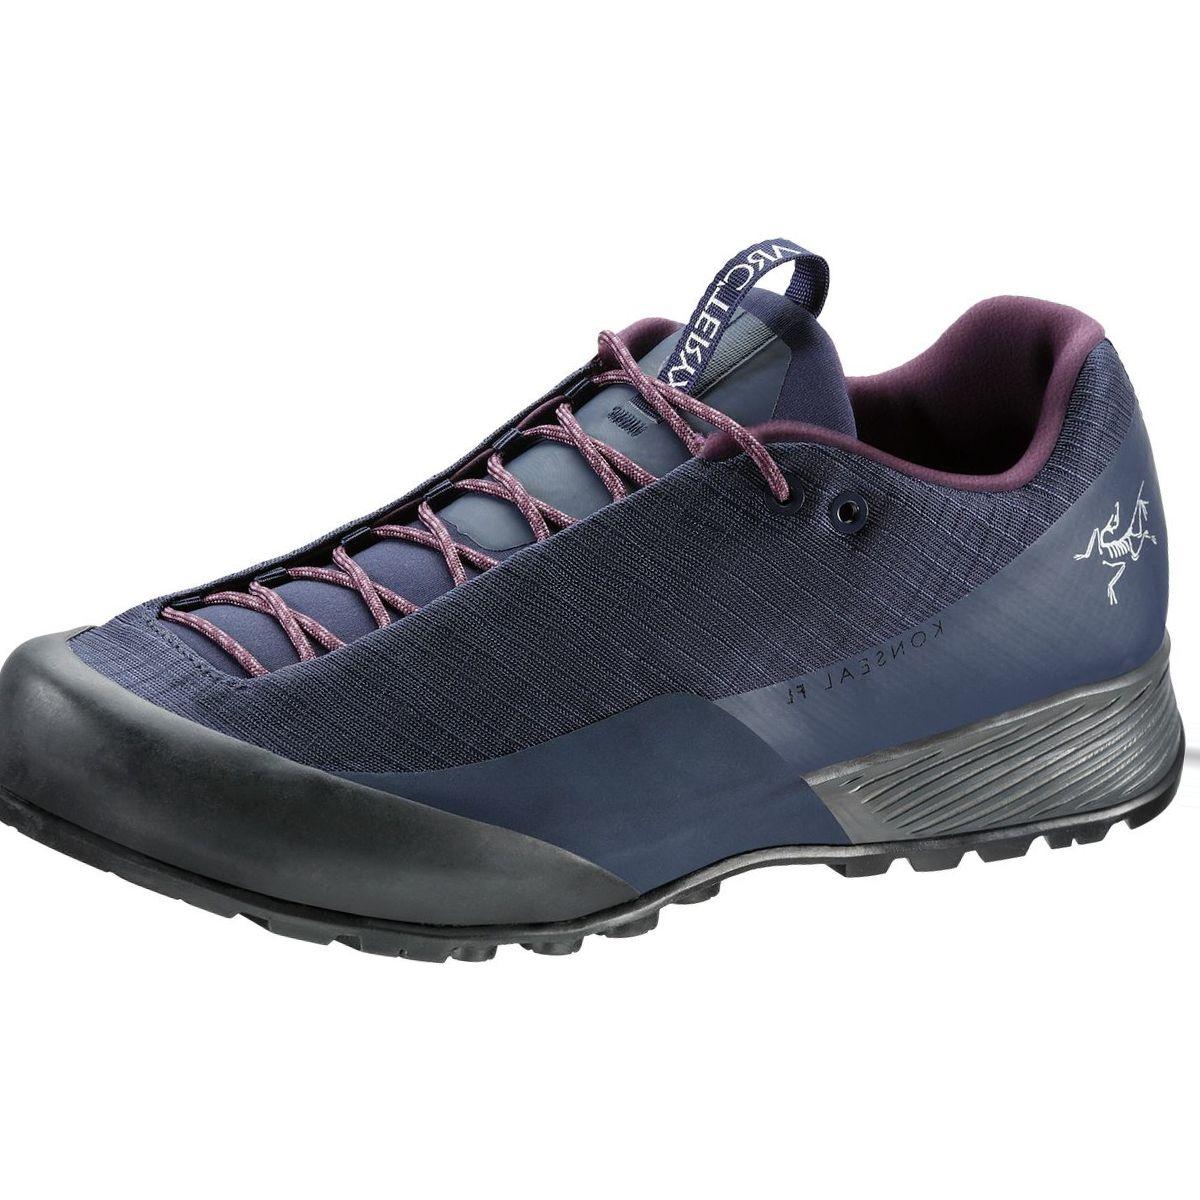 Arc'teryx Konseal FL GTX Approach Shoe - Women's